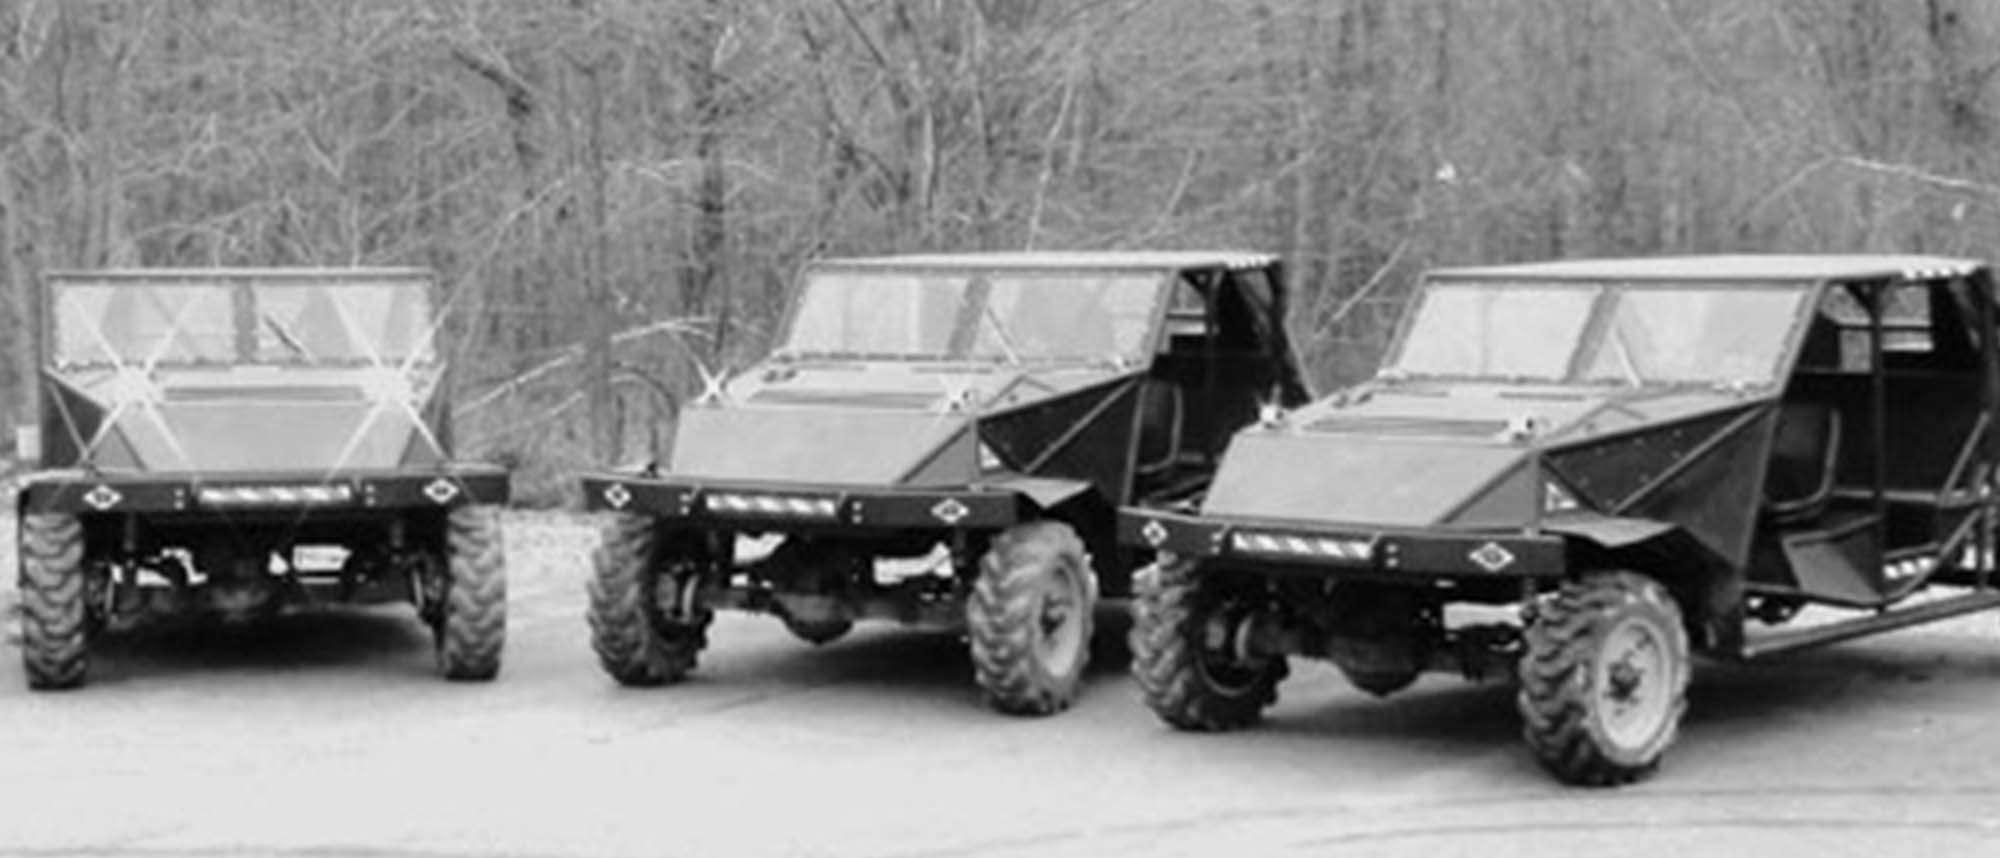 SR1 subterranean rover